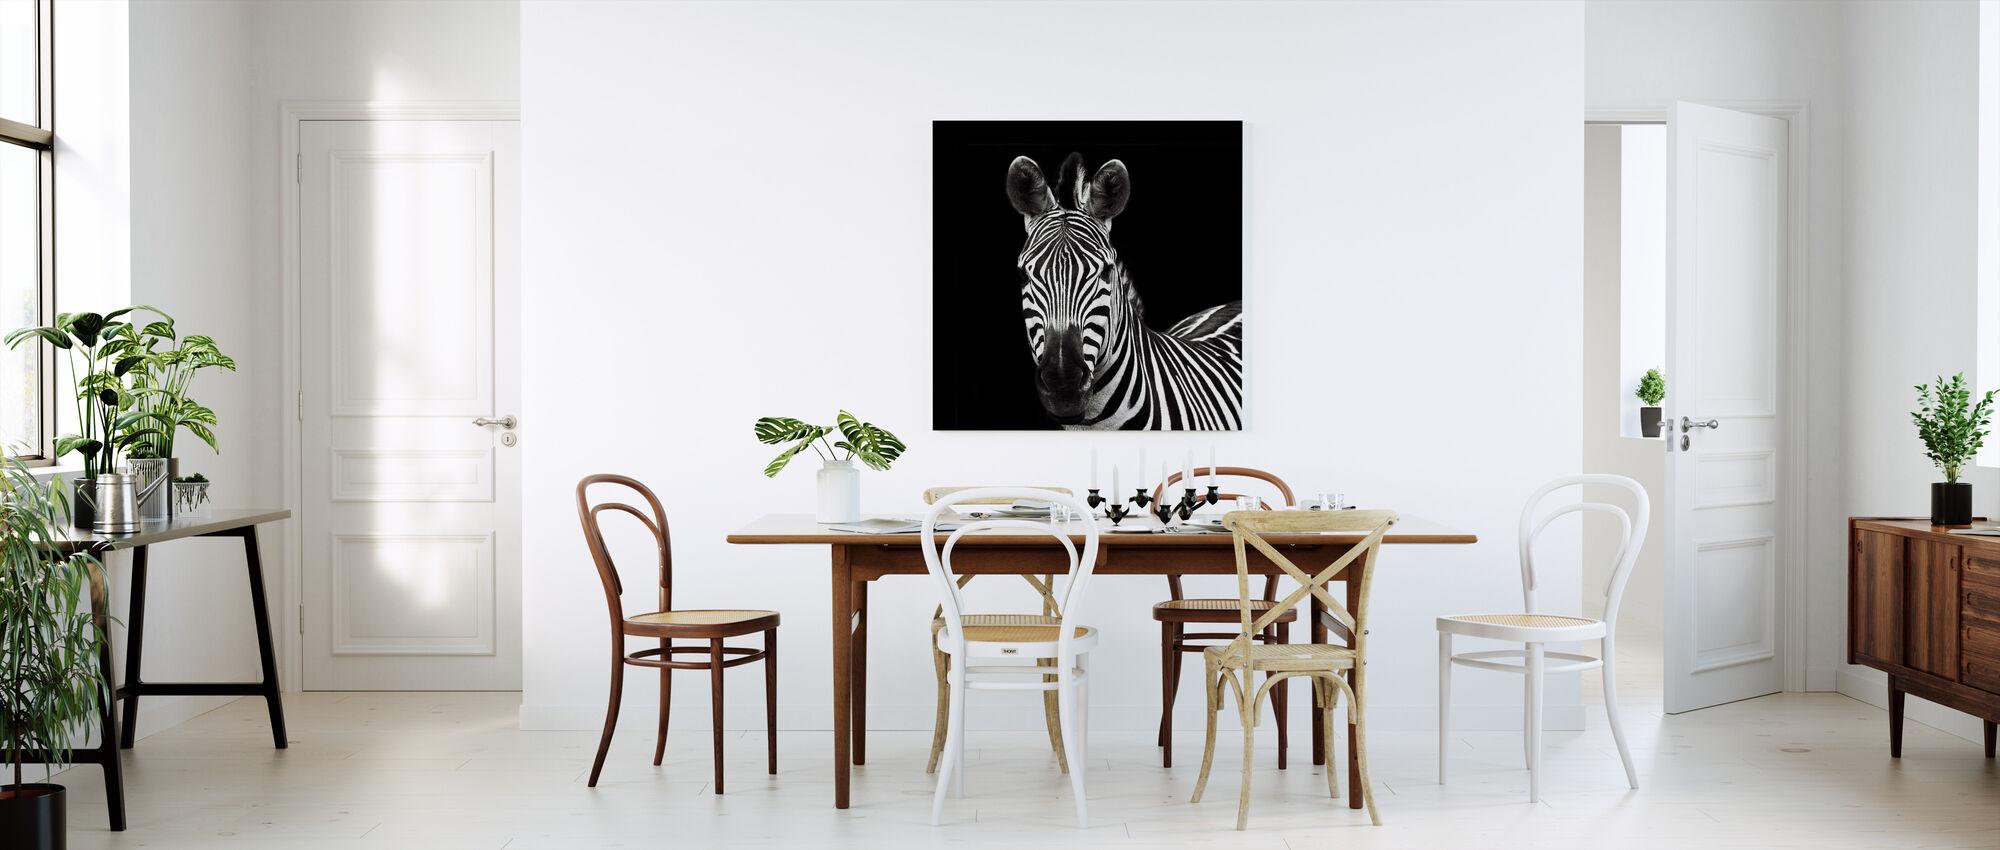 Zebra II Square - Canvas print - Kitchen